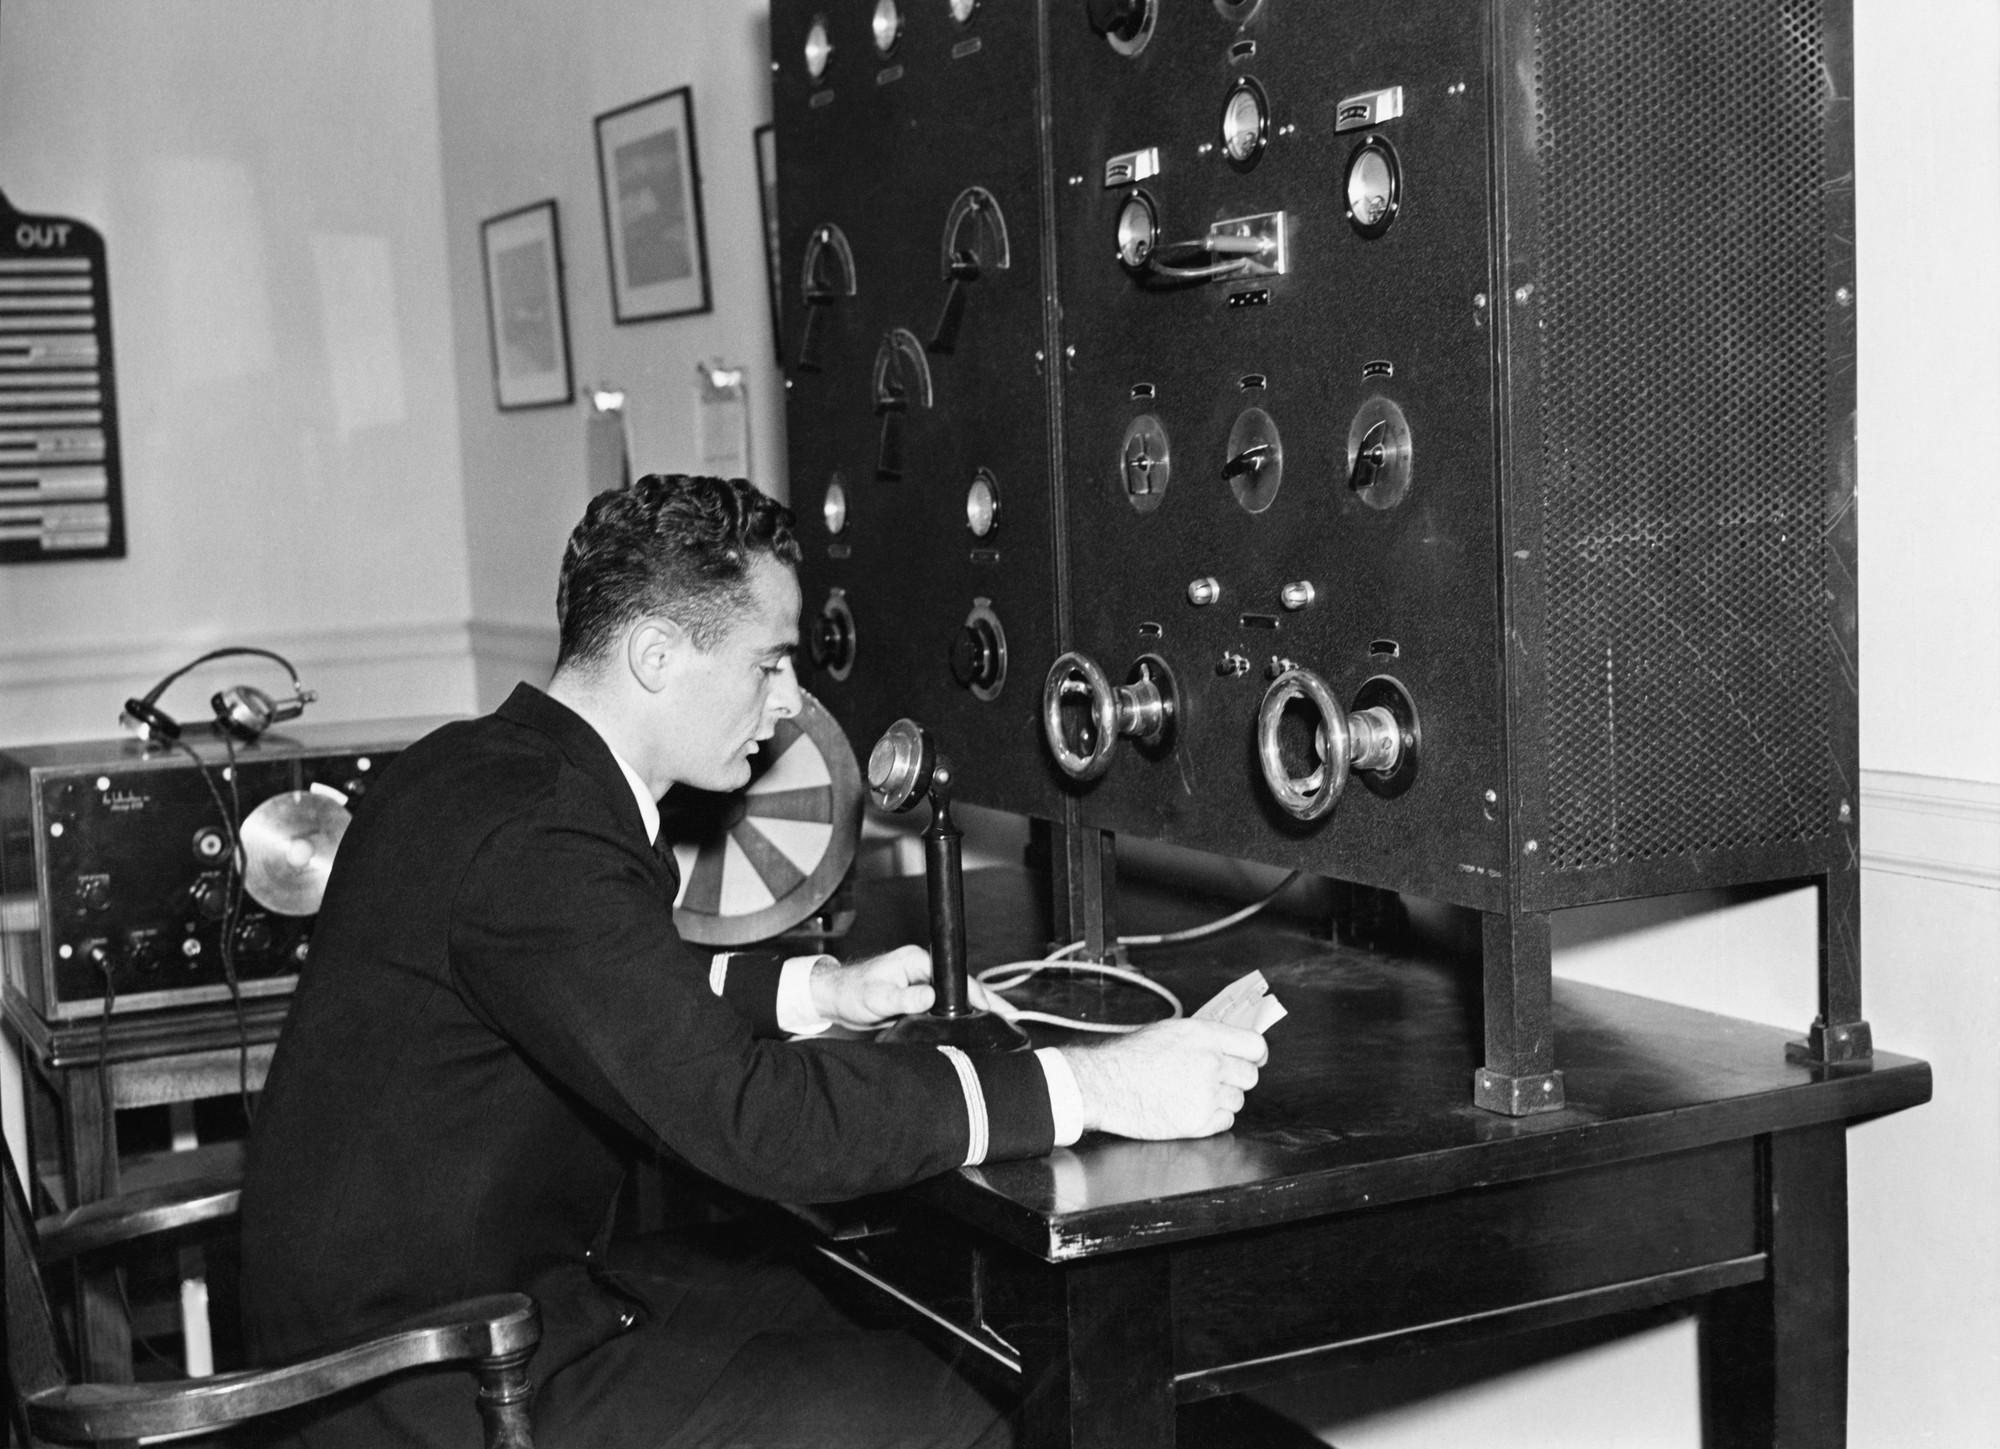 שיטת הסקר הטלפוני מתבססות על הנחות מיושנות. וכך גם הממצאים.